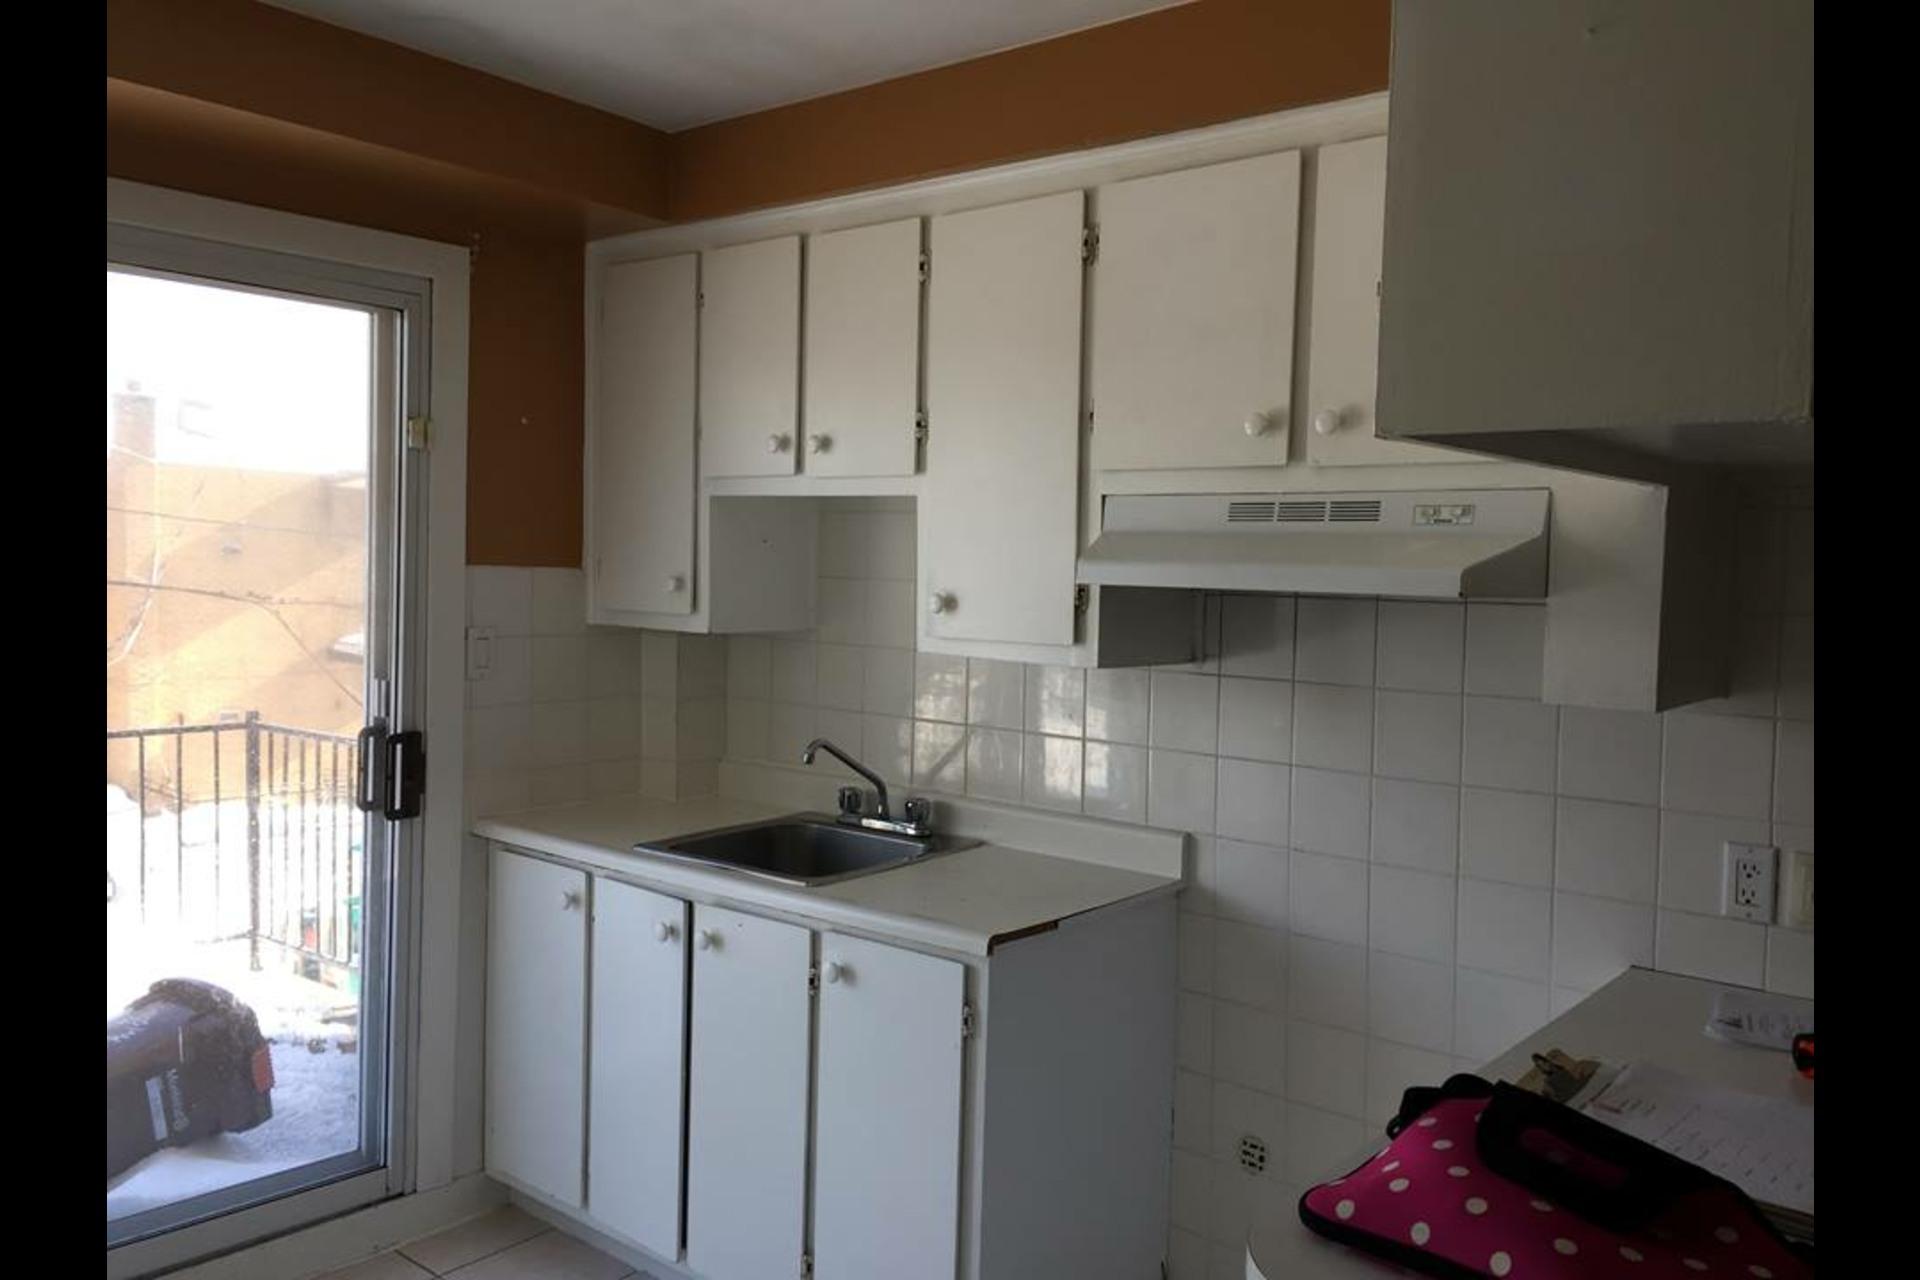 image 4 - Appartement À louer Montréal Saint-Leonard - 4 pièces